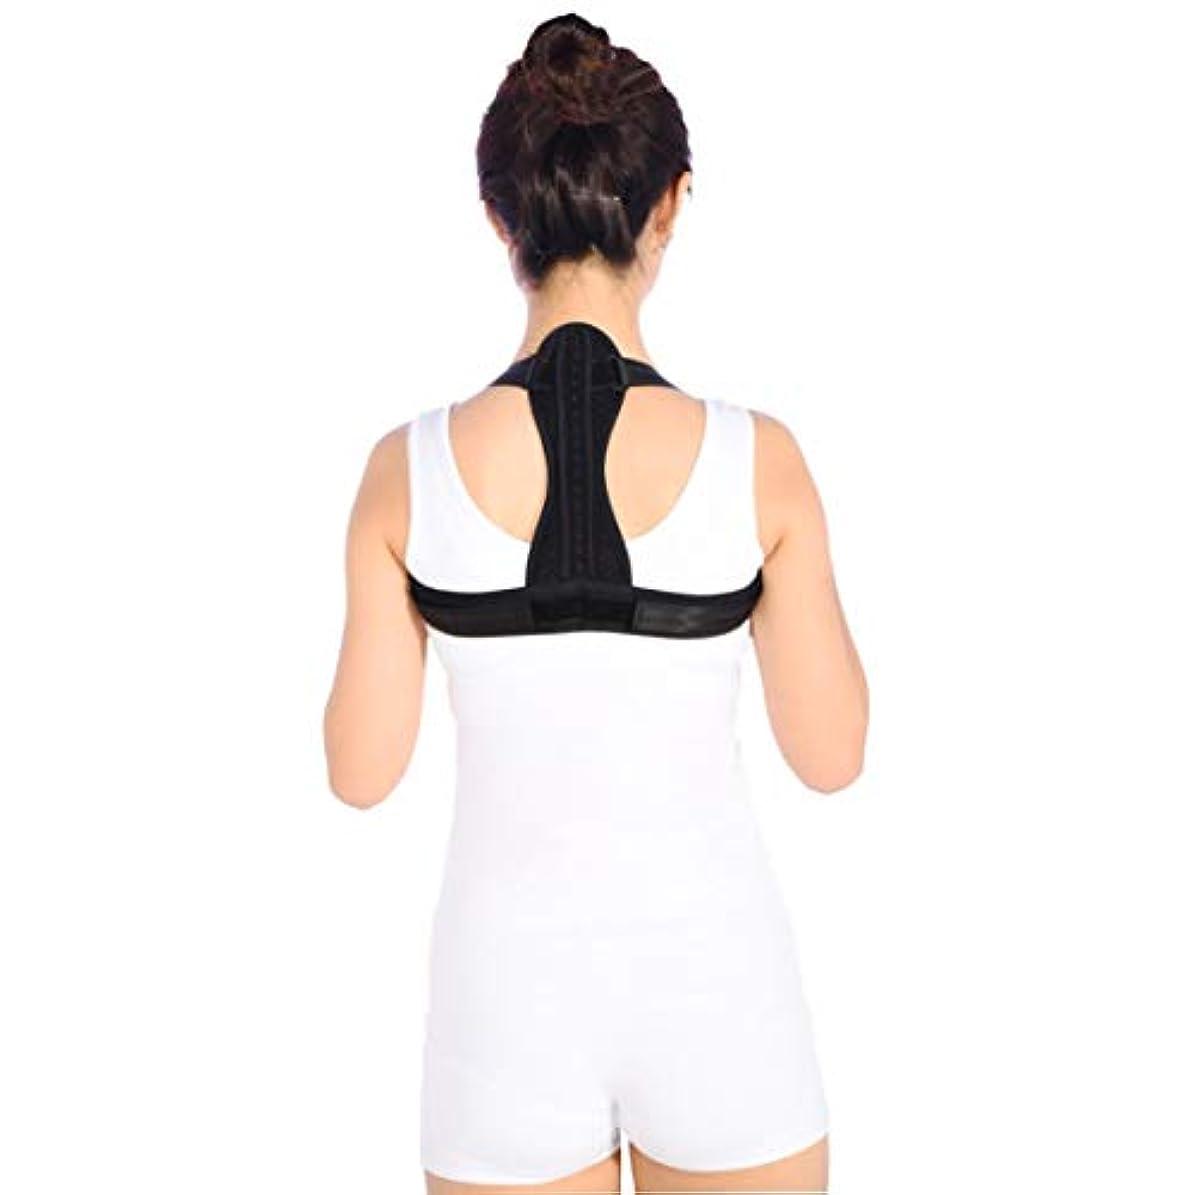 造船ロバ害通気性の脊柱側弯症ザトウクジラ補正ベルト調節可能な快適さ目に見えないベルト男性女性大人学生子供 - 黒